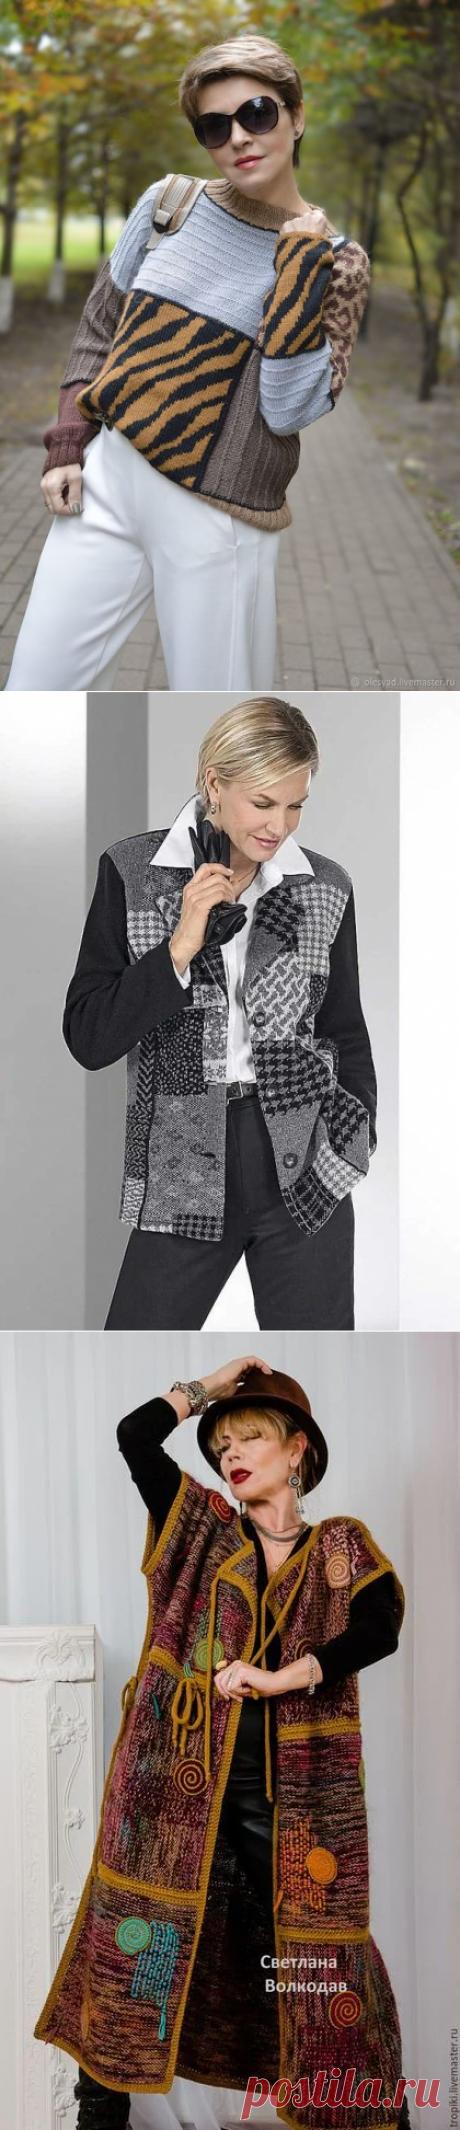 """Женская одежда в стиле """"пэчворк"""" - модно и красиво   Для женщин 45+   Яндекс Дзен"""